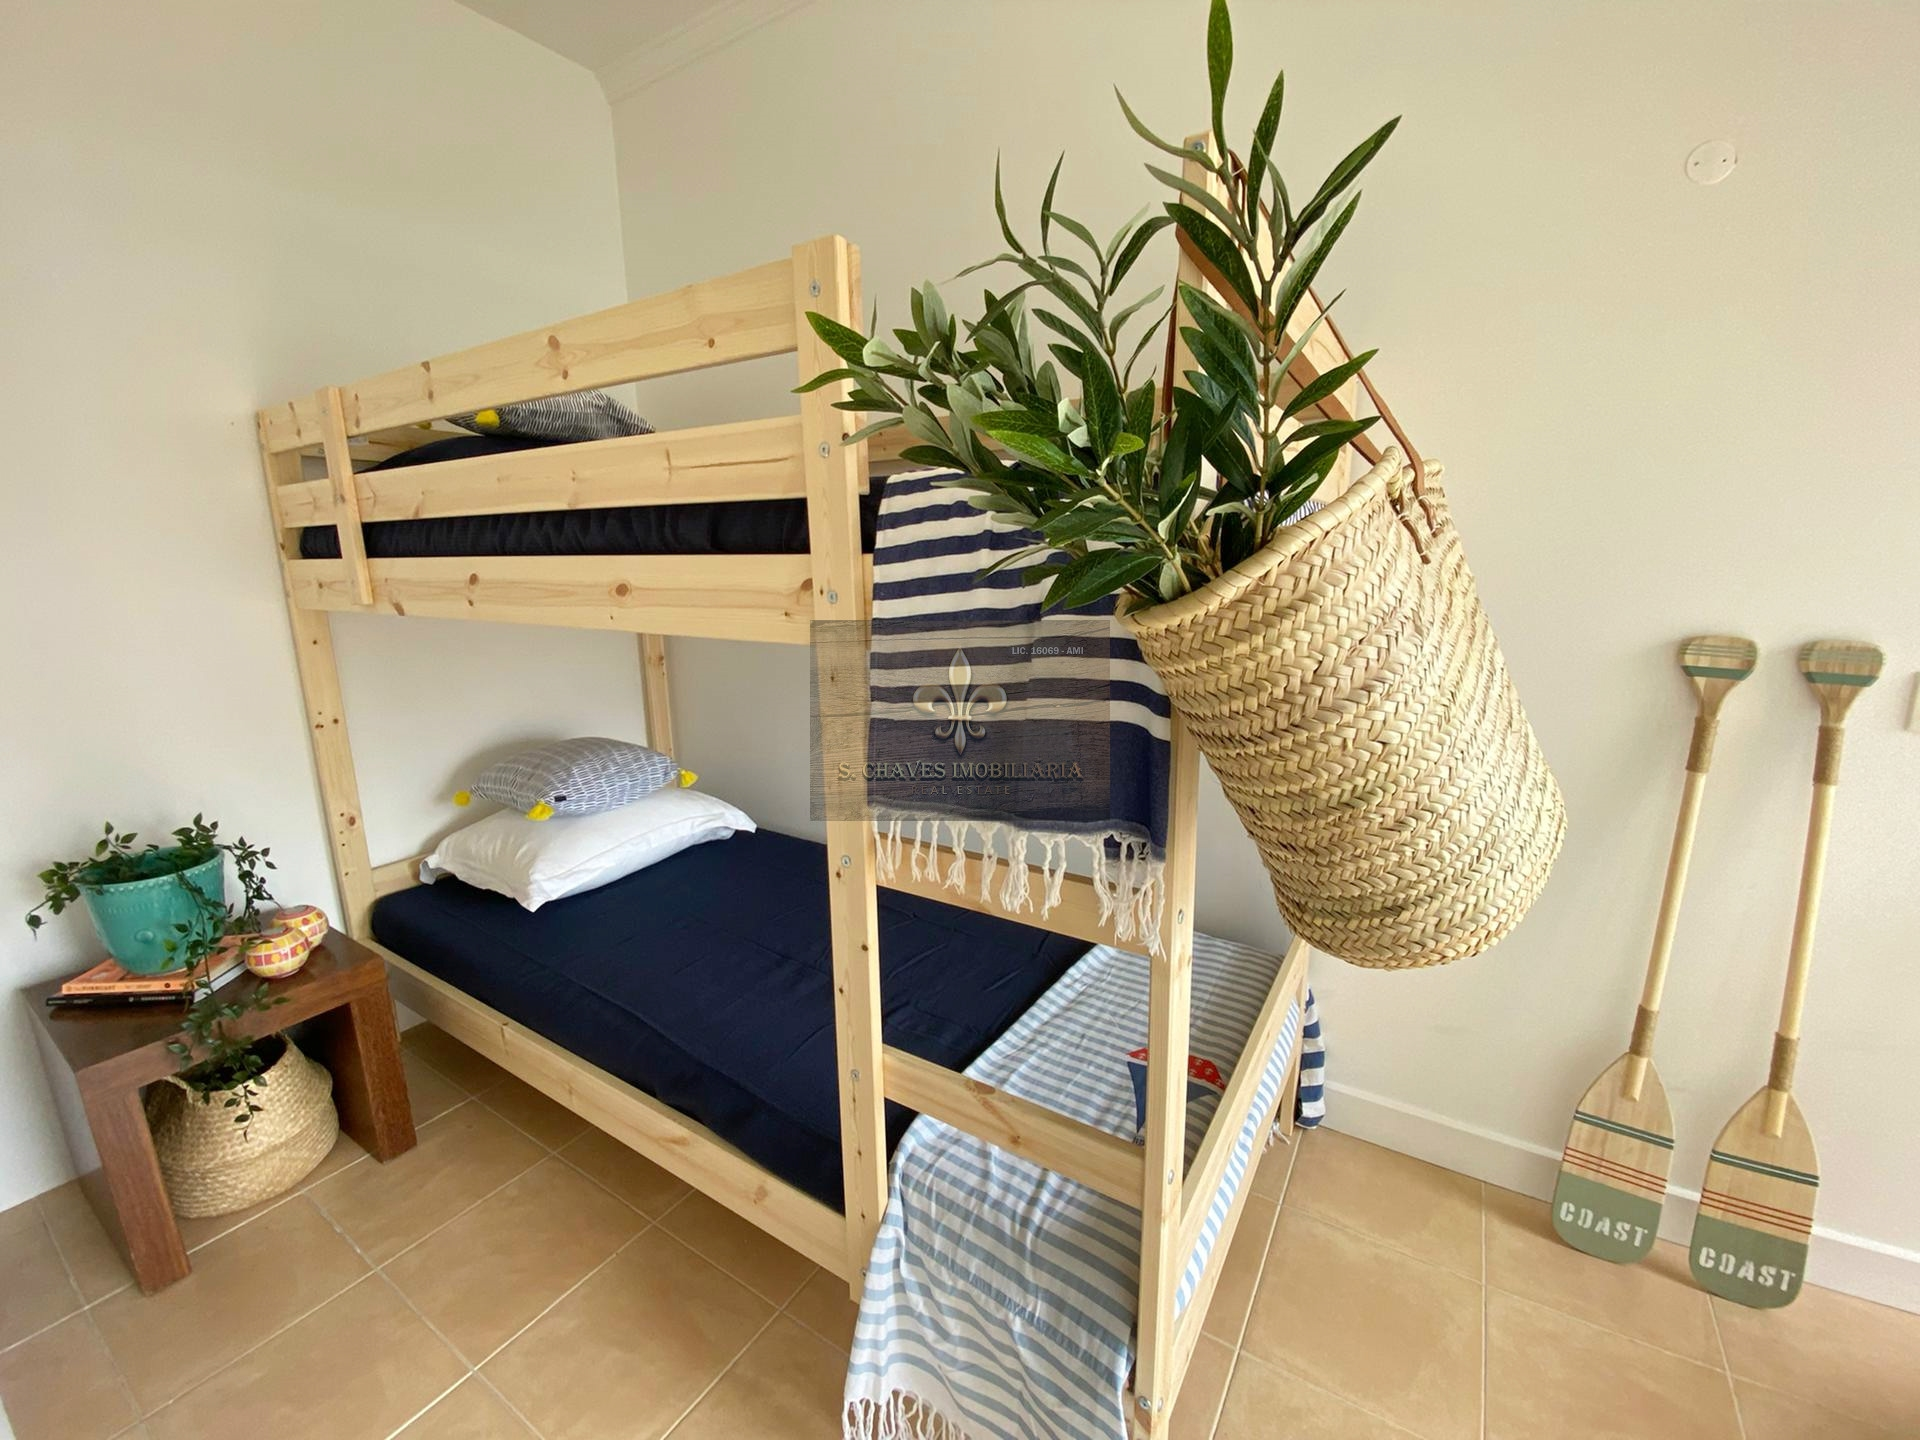 Appartement T1 +1 rénové à 500 mètres de la plage - Salgados